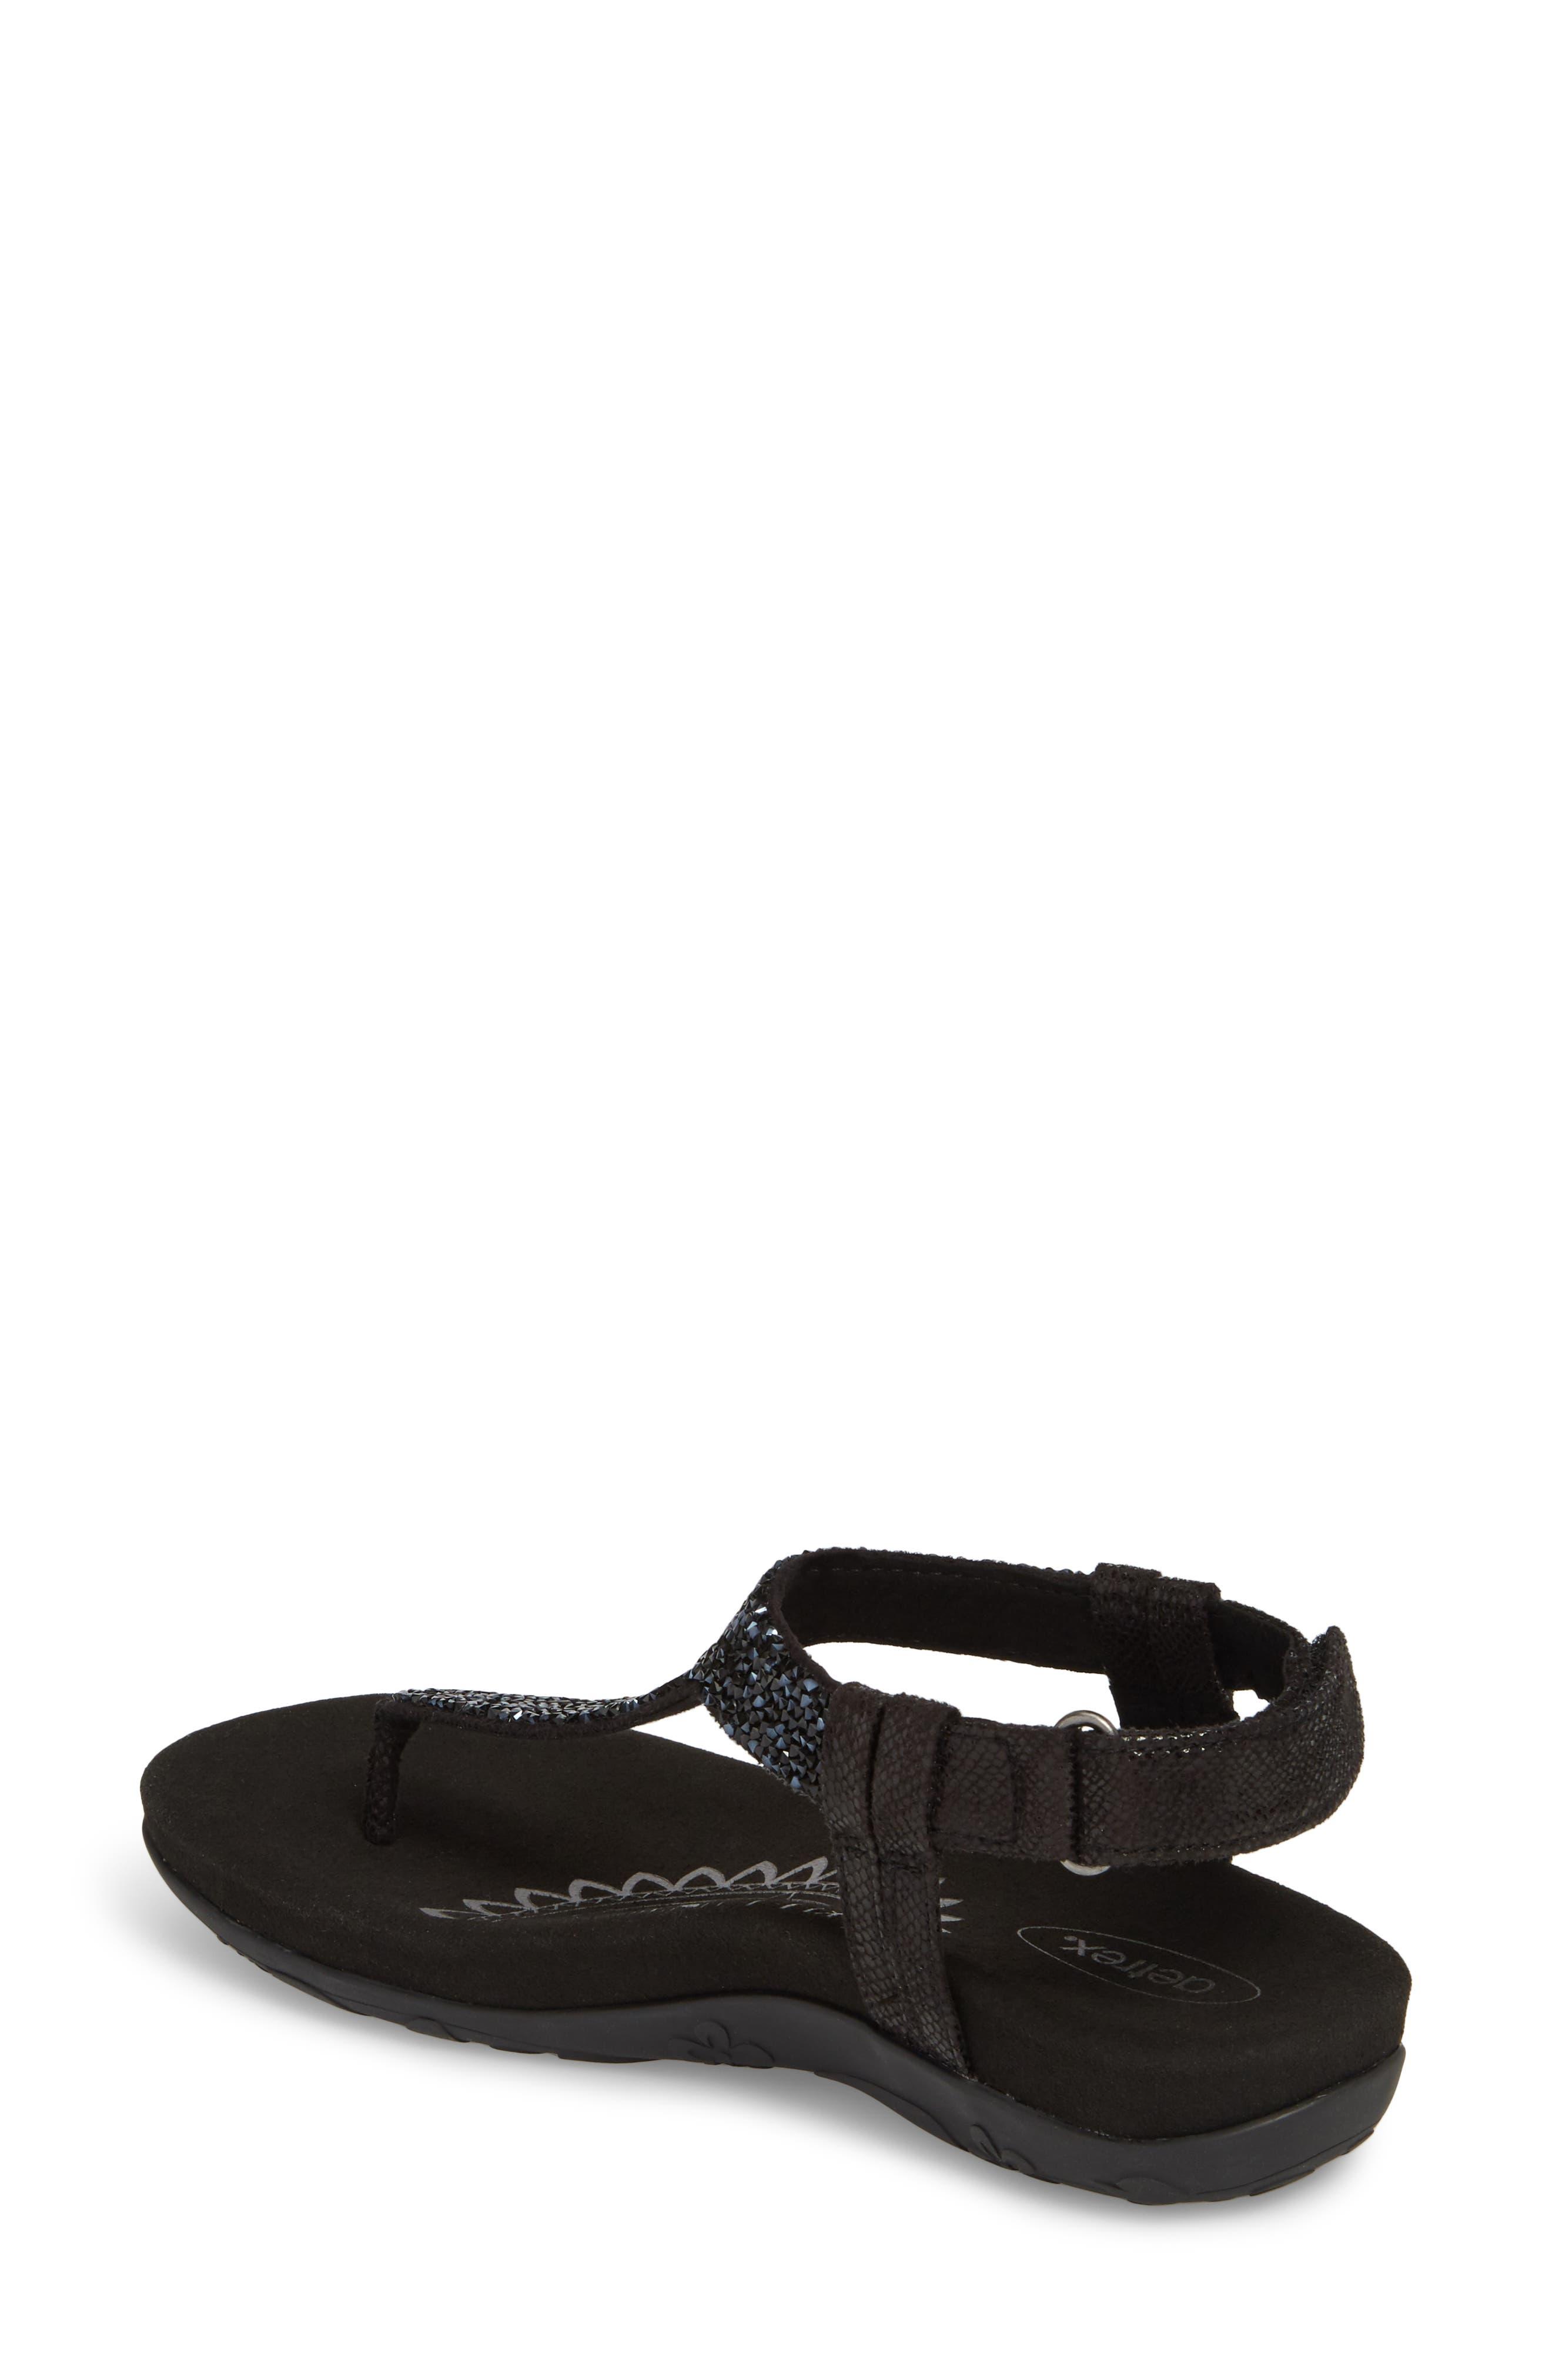 AETREX, Jade Embellished T-Strap Sandal, Alternate thumbnail 2, color, BLACK LEATHER